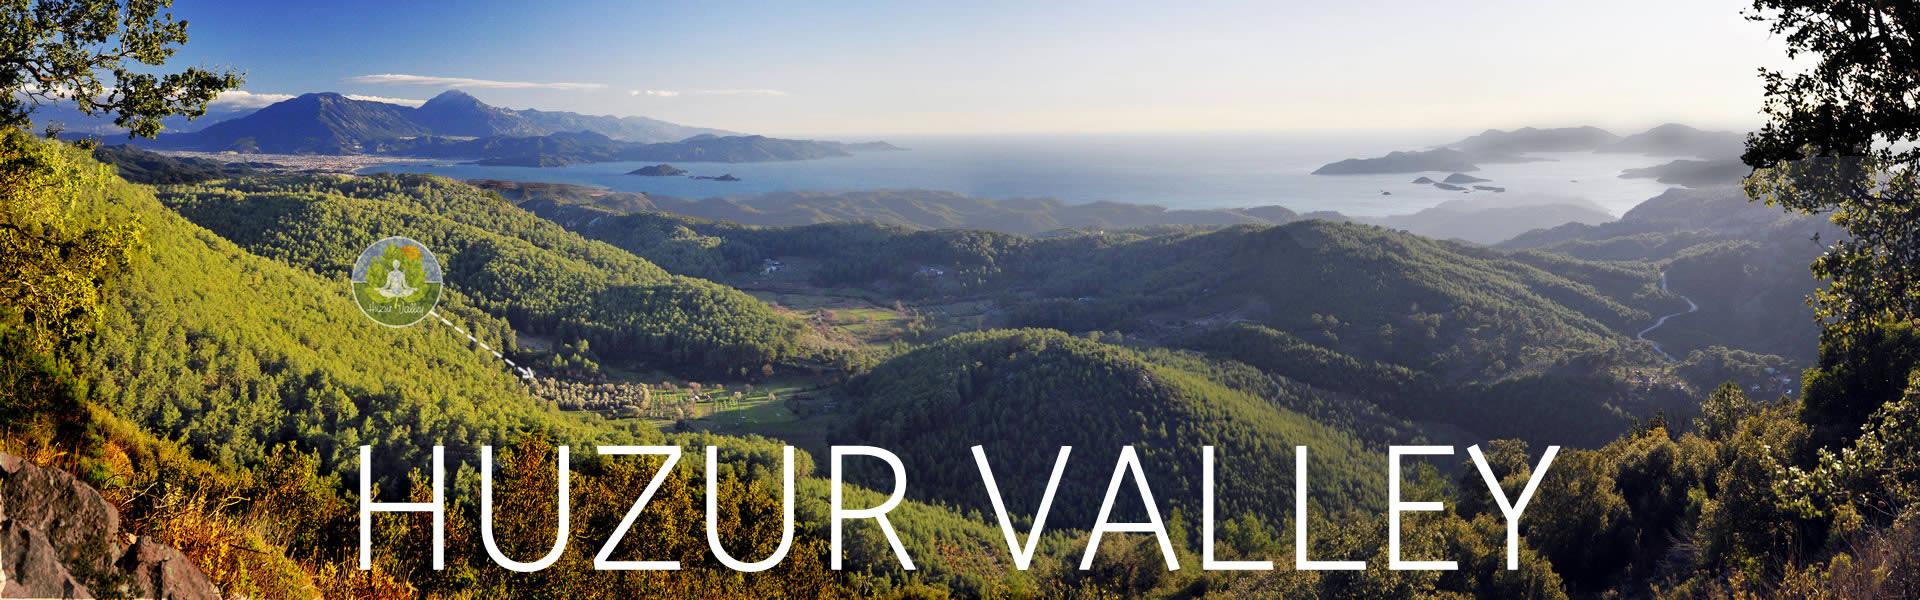 Huzur Valley